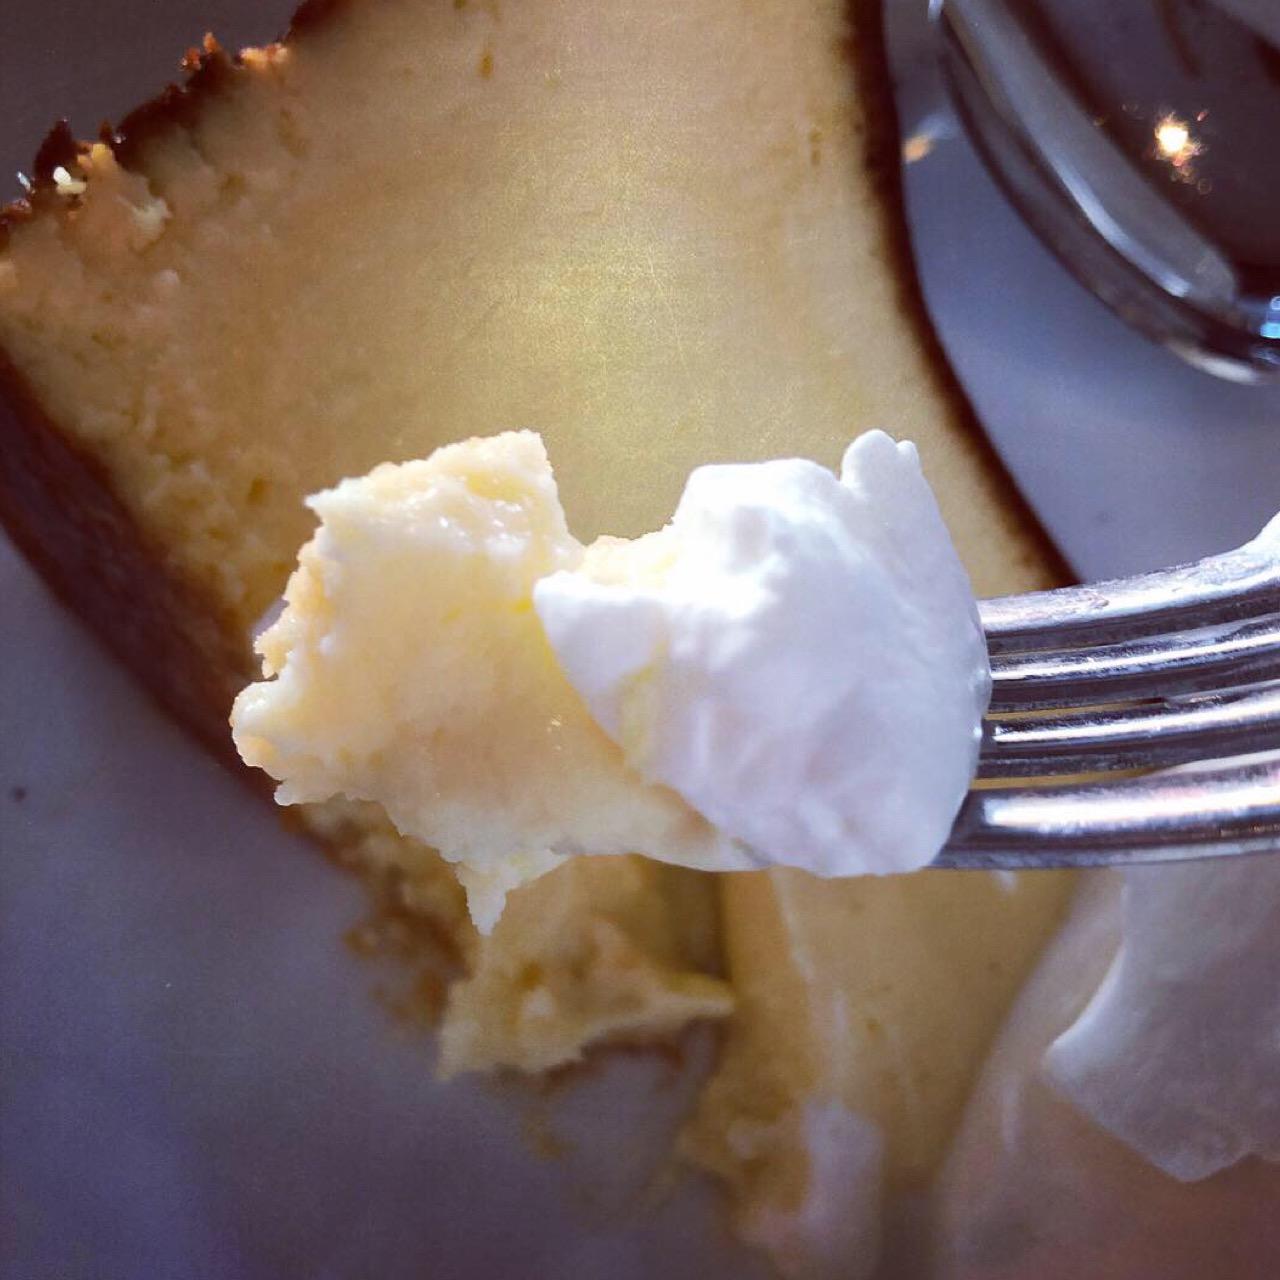 いまバズっているスイーツ!バスクチーズケーキを東京で食べるならココ♡_3